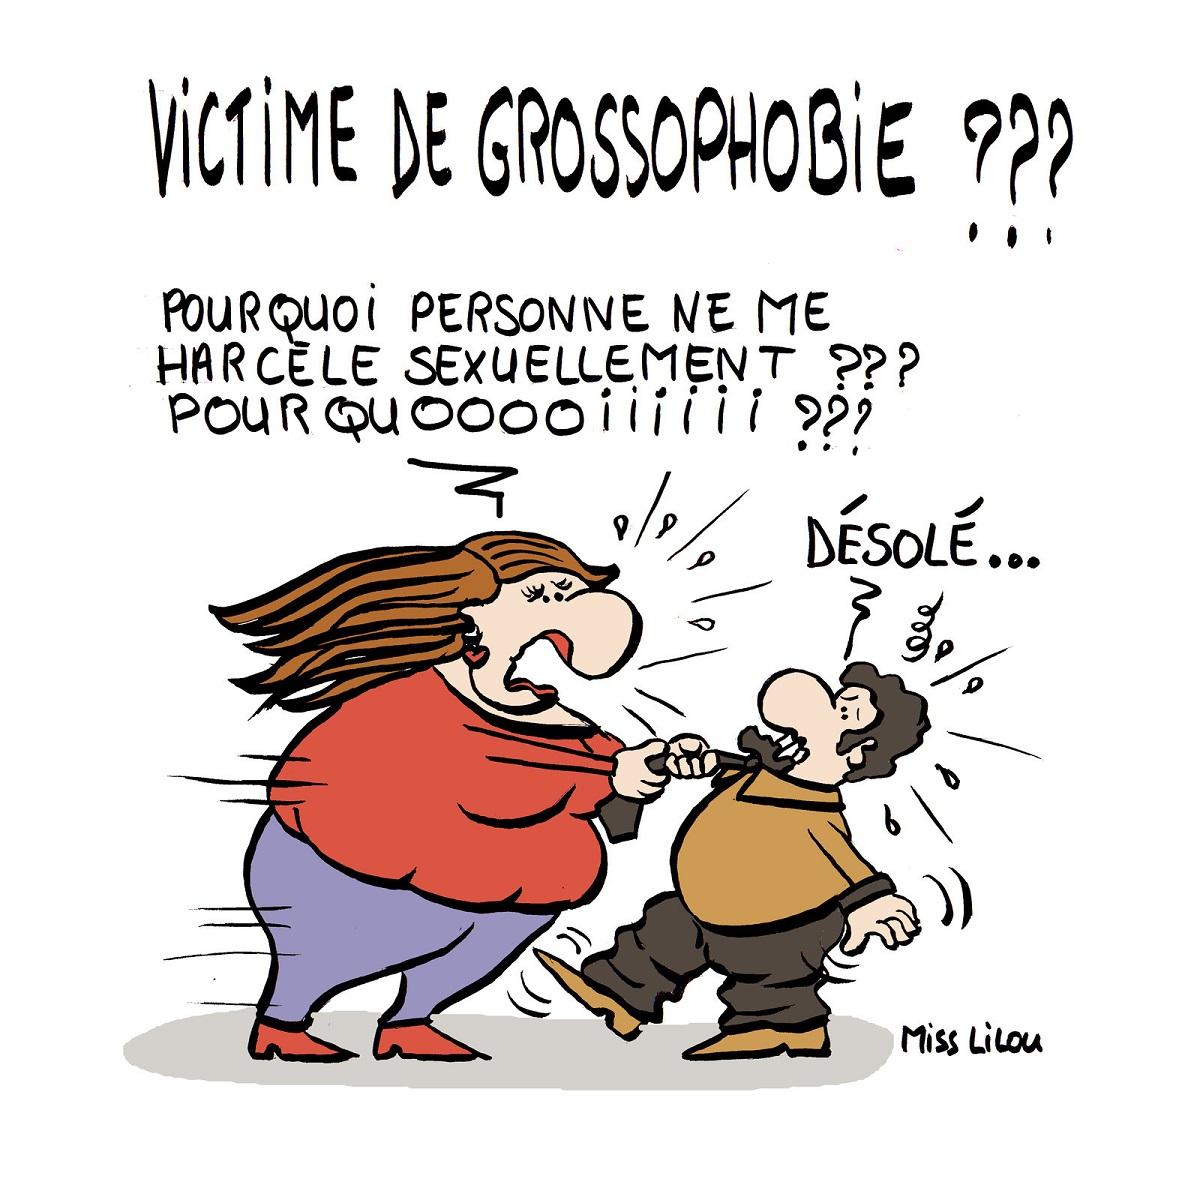 dessin humoristique d'une grosse femme victime de grossophobie et pas de harcèlement sexuel